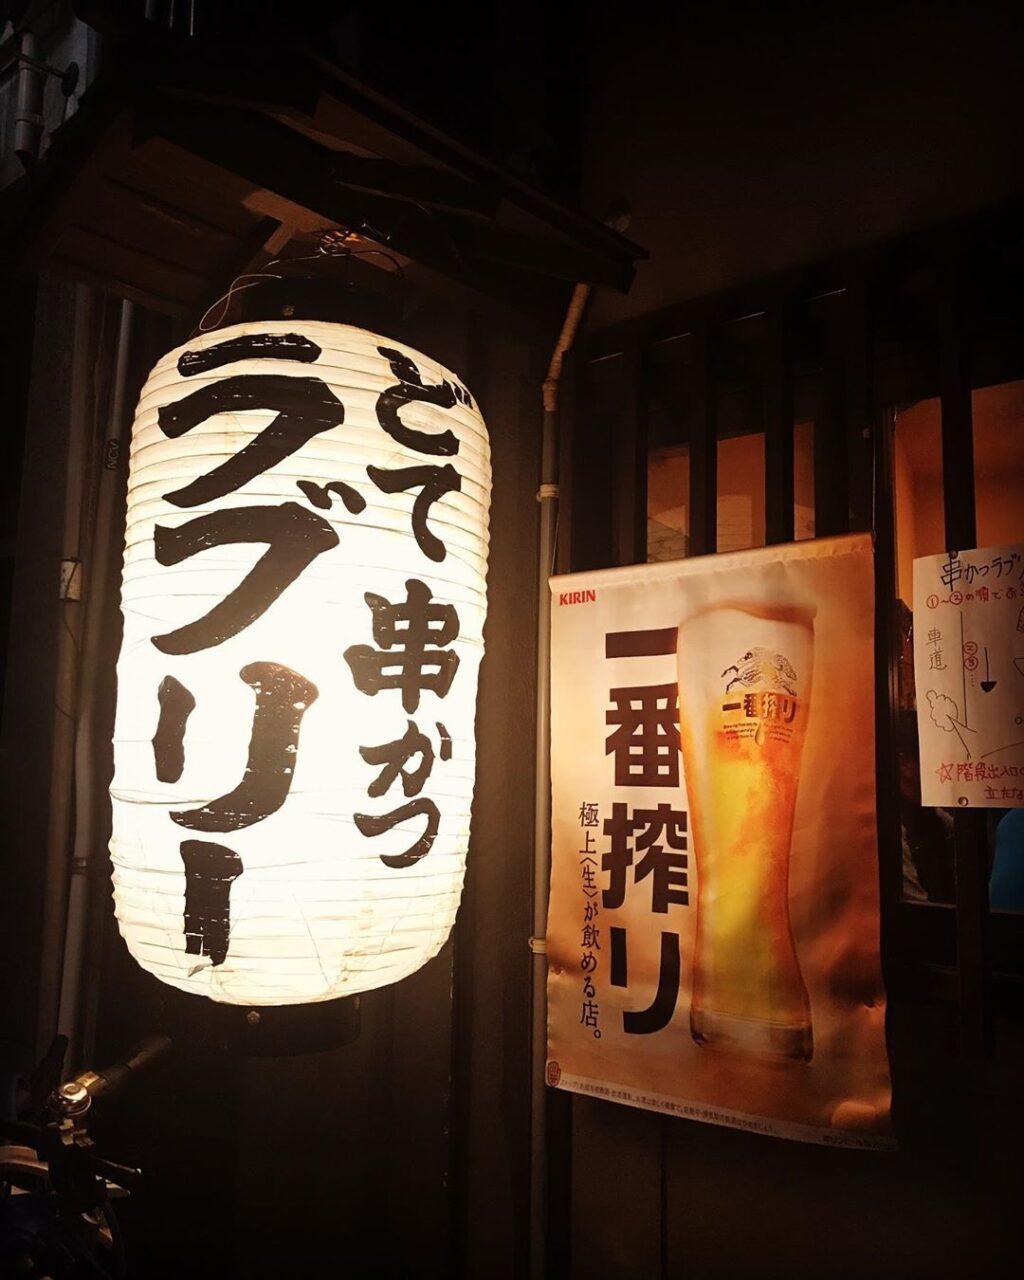 提灯の明かりがついたら開店です。ディープな雰囲気に酔いしれる5つの居酒屋@名古屋